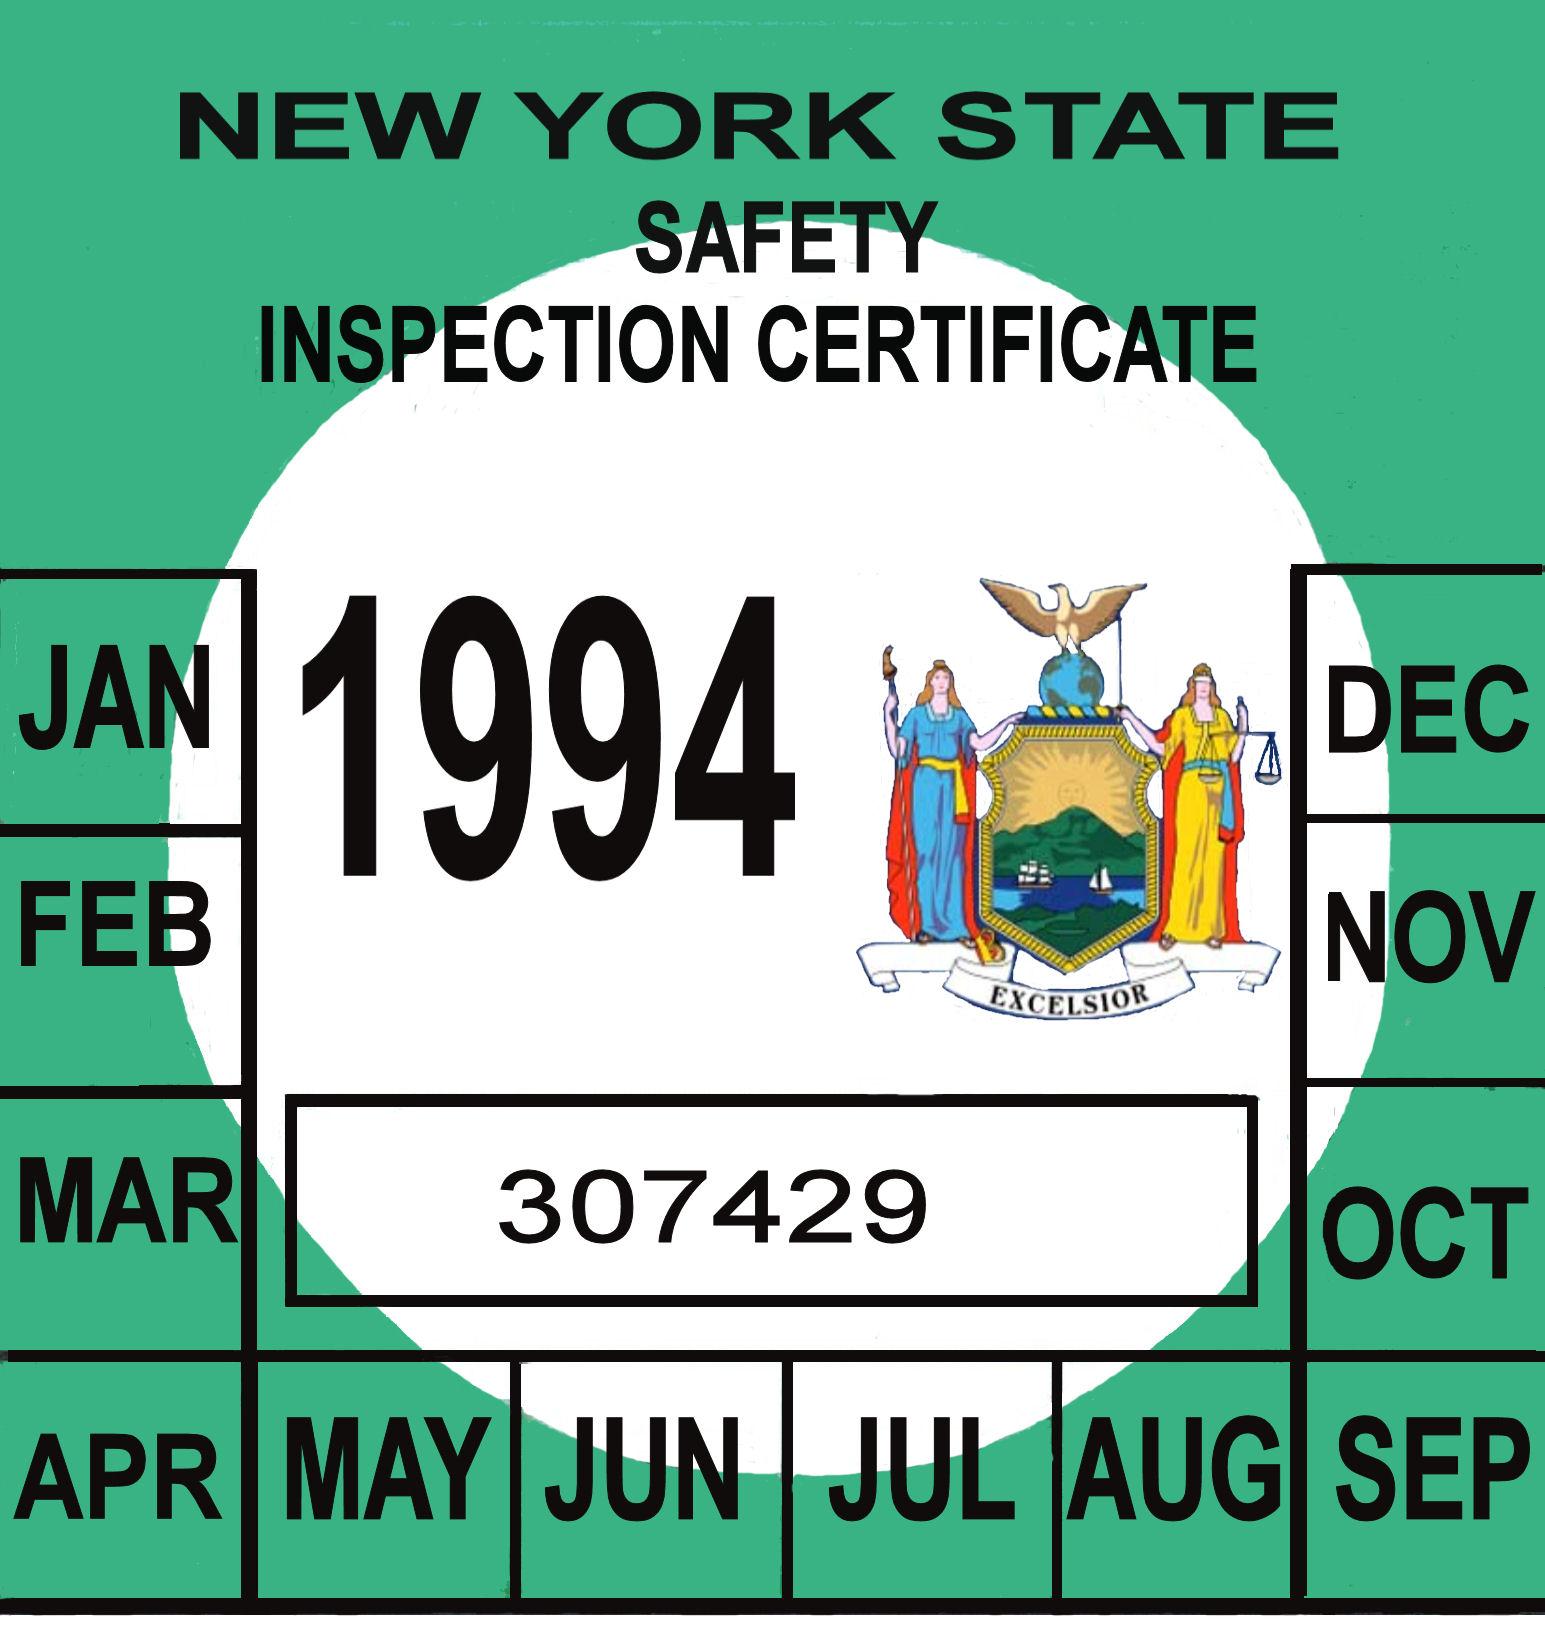 1994 NY inspection sticker